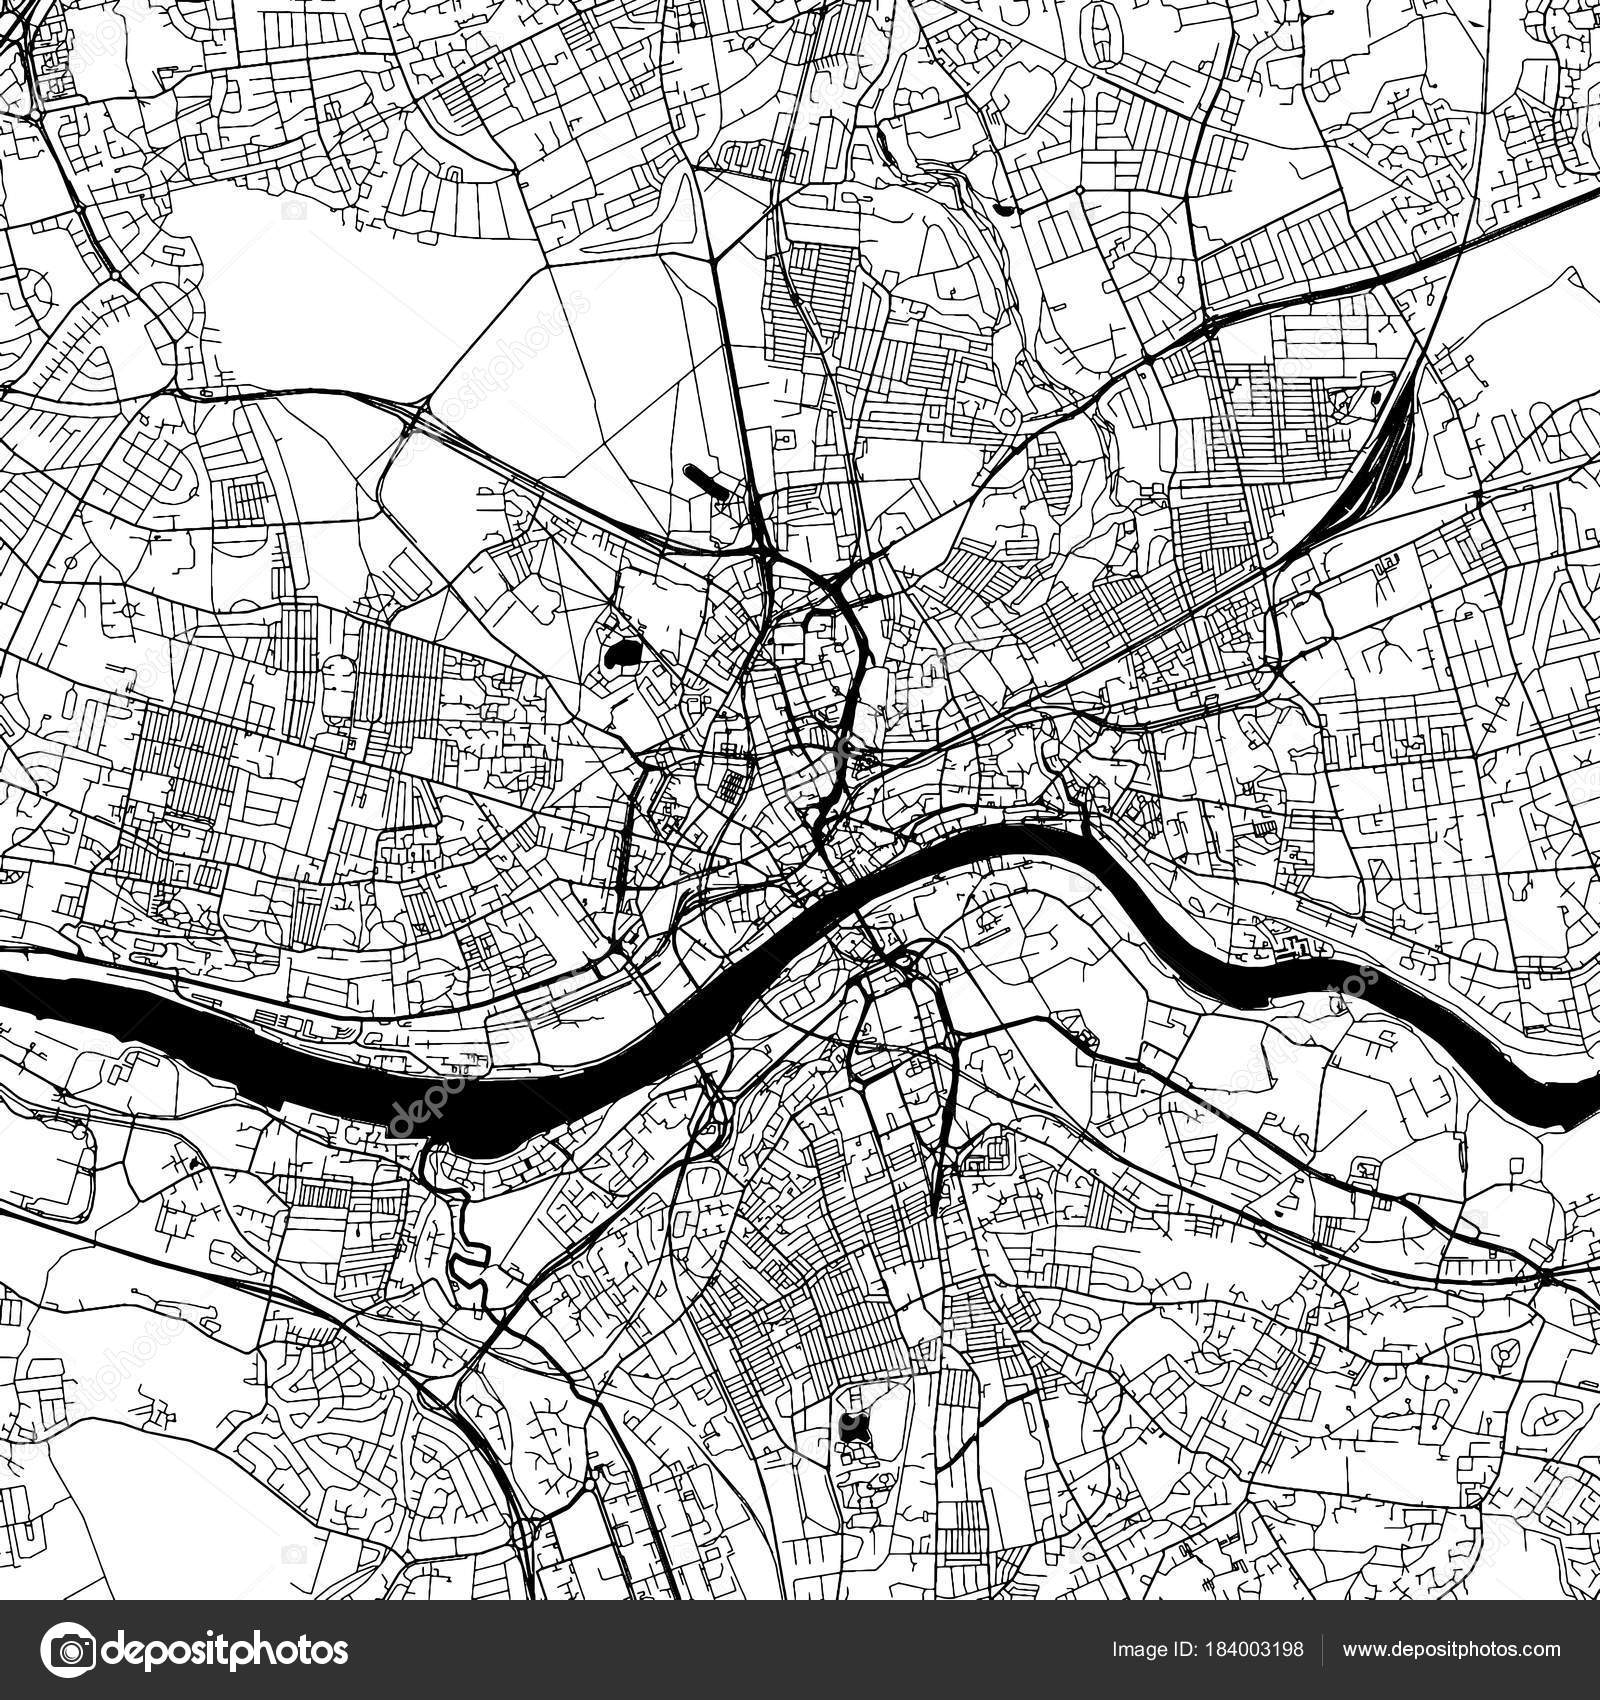 Ньюкасл на карте